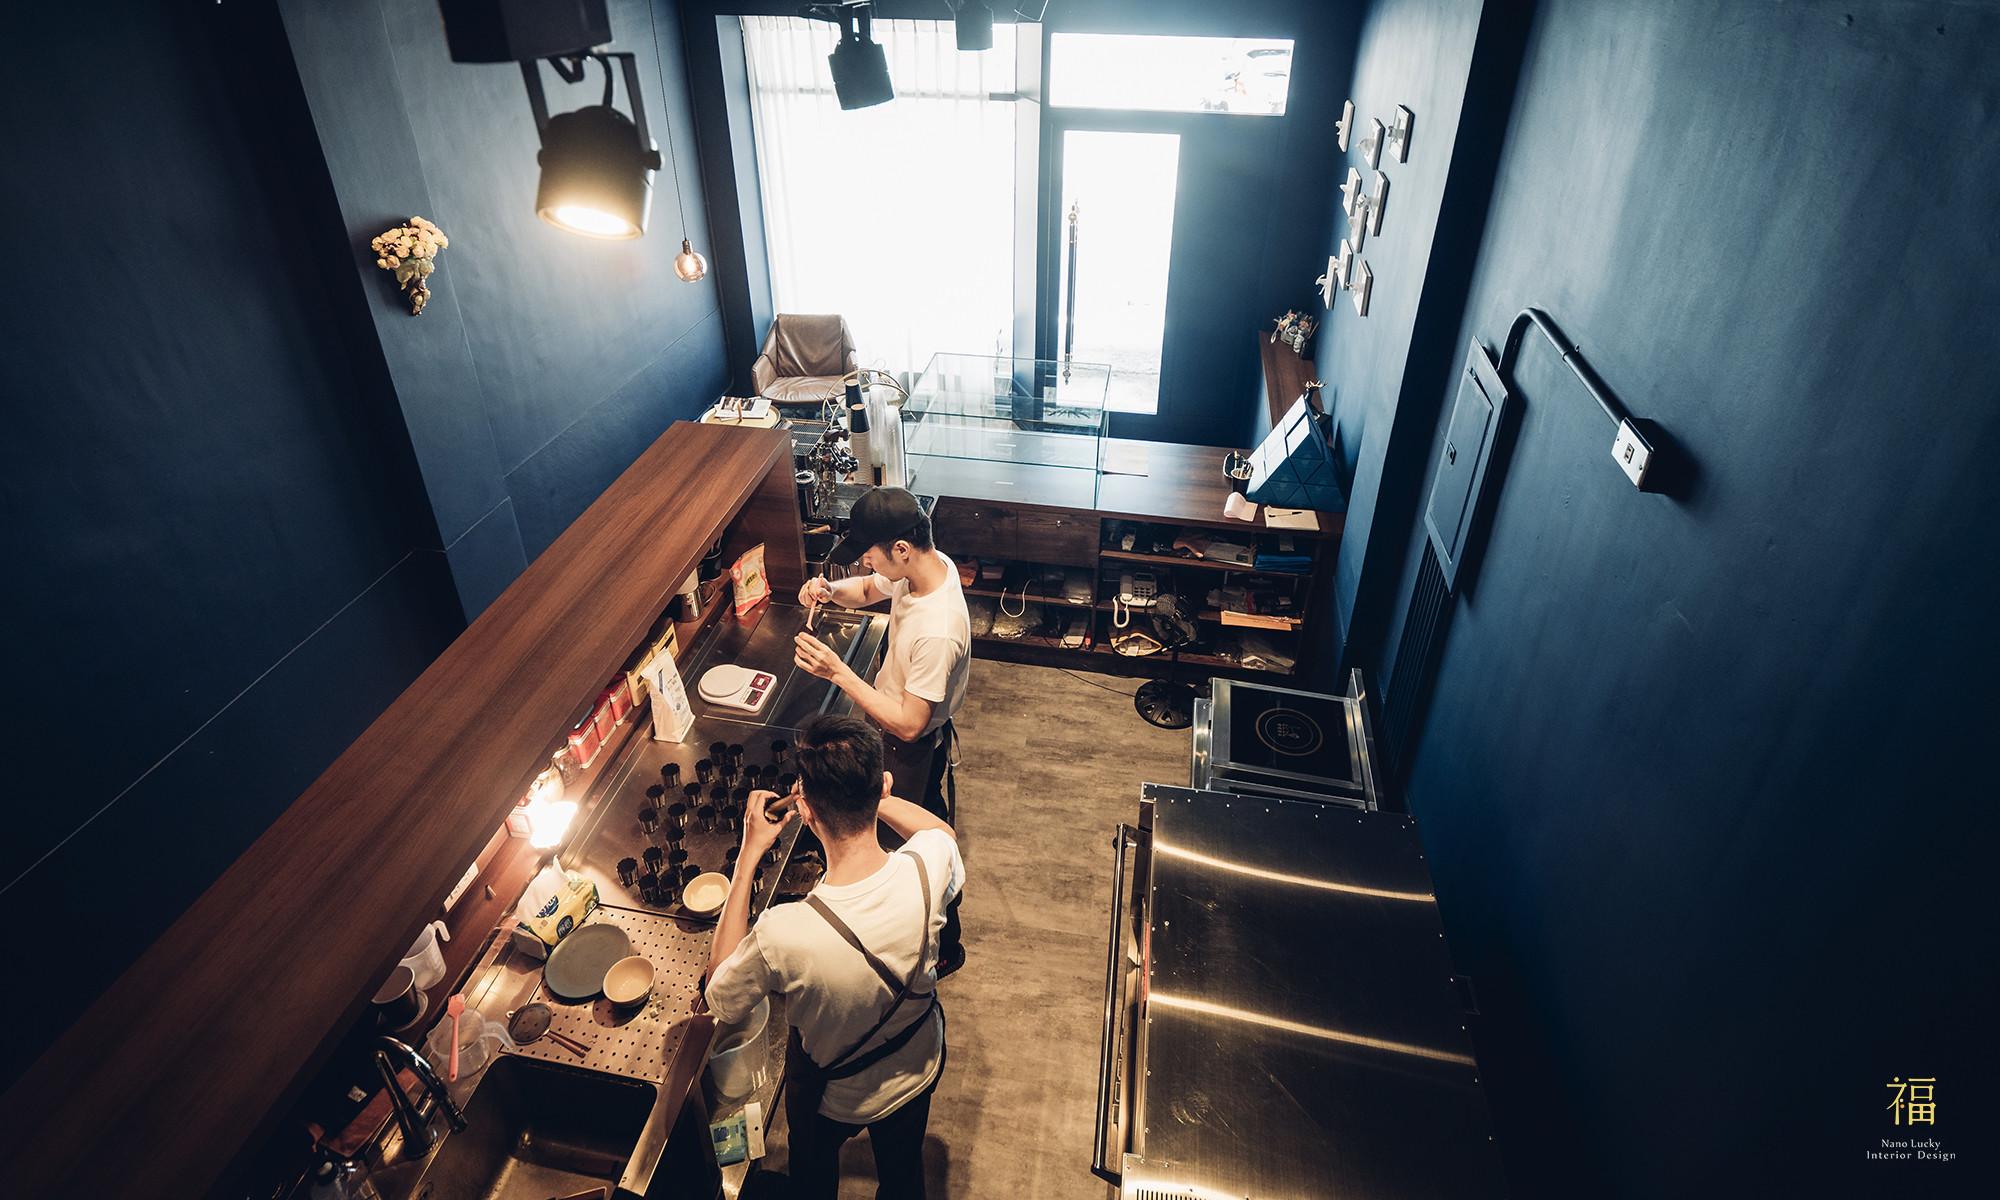 玖零甜食所嘉義可麗露專賣店-吧檯區設計|小福砌商業甜點空間設計